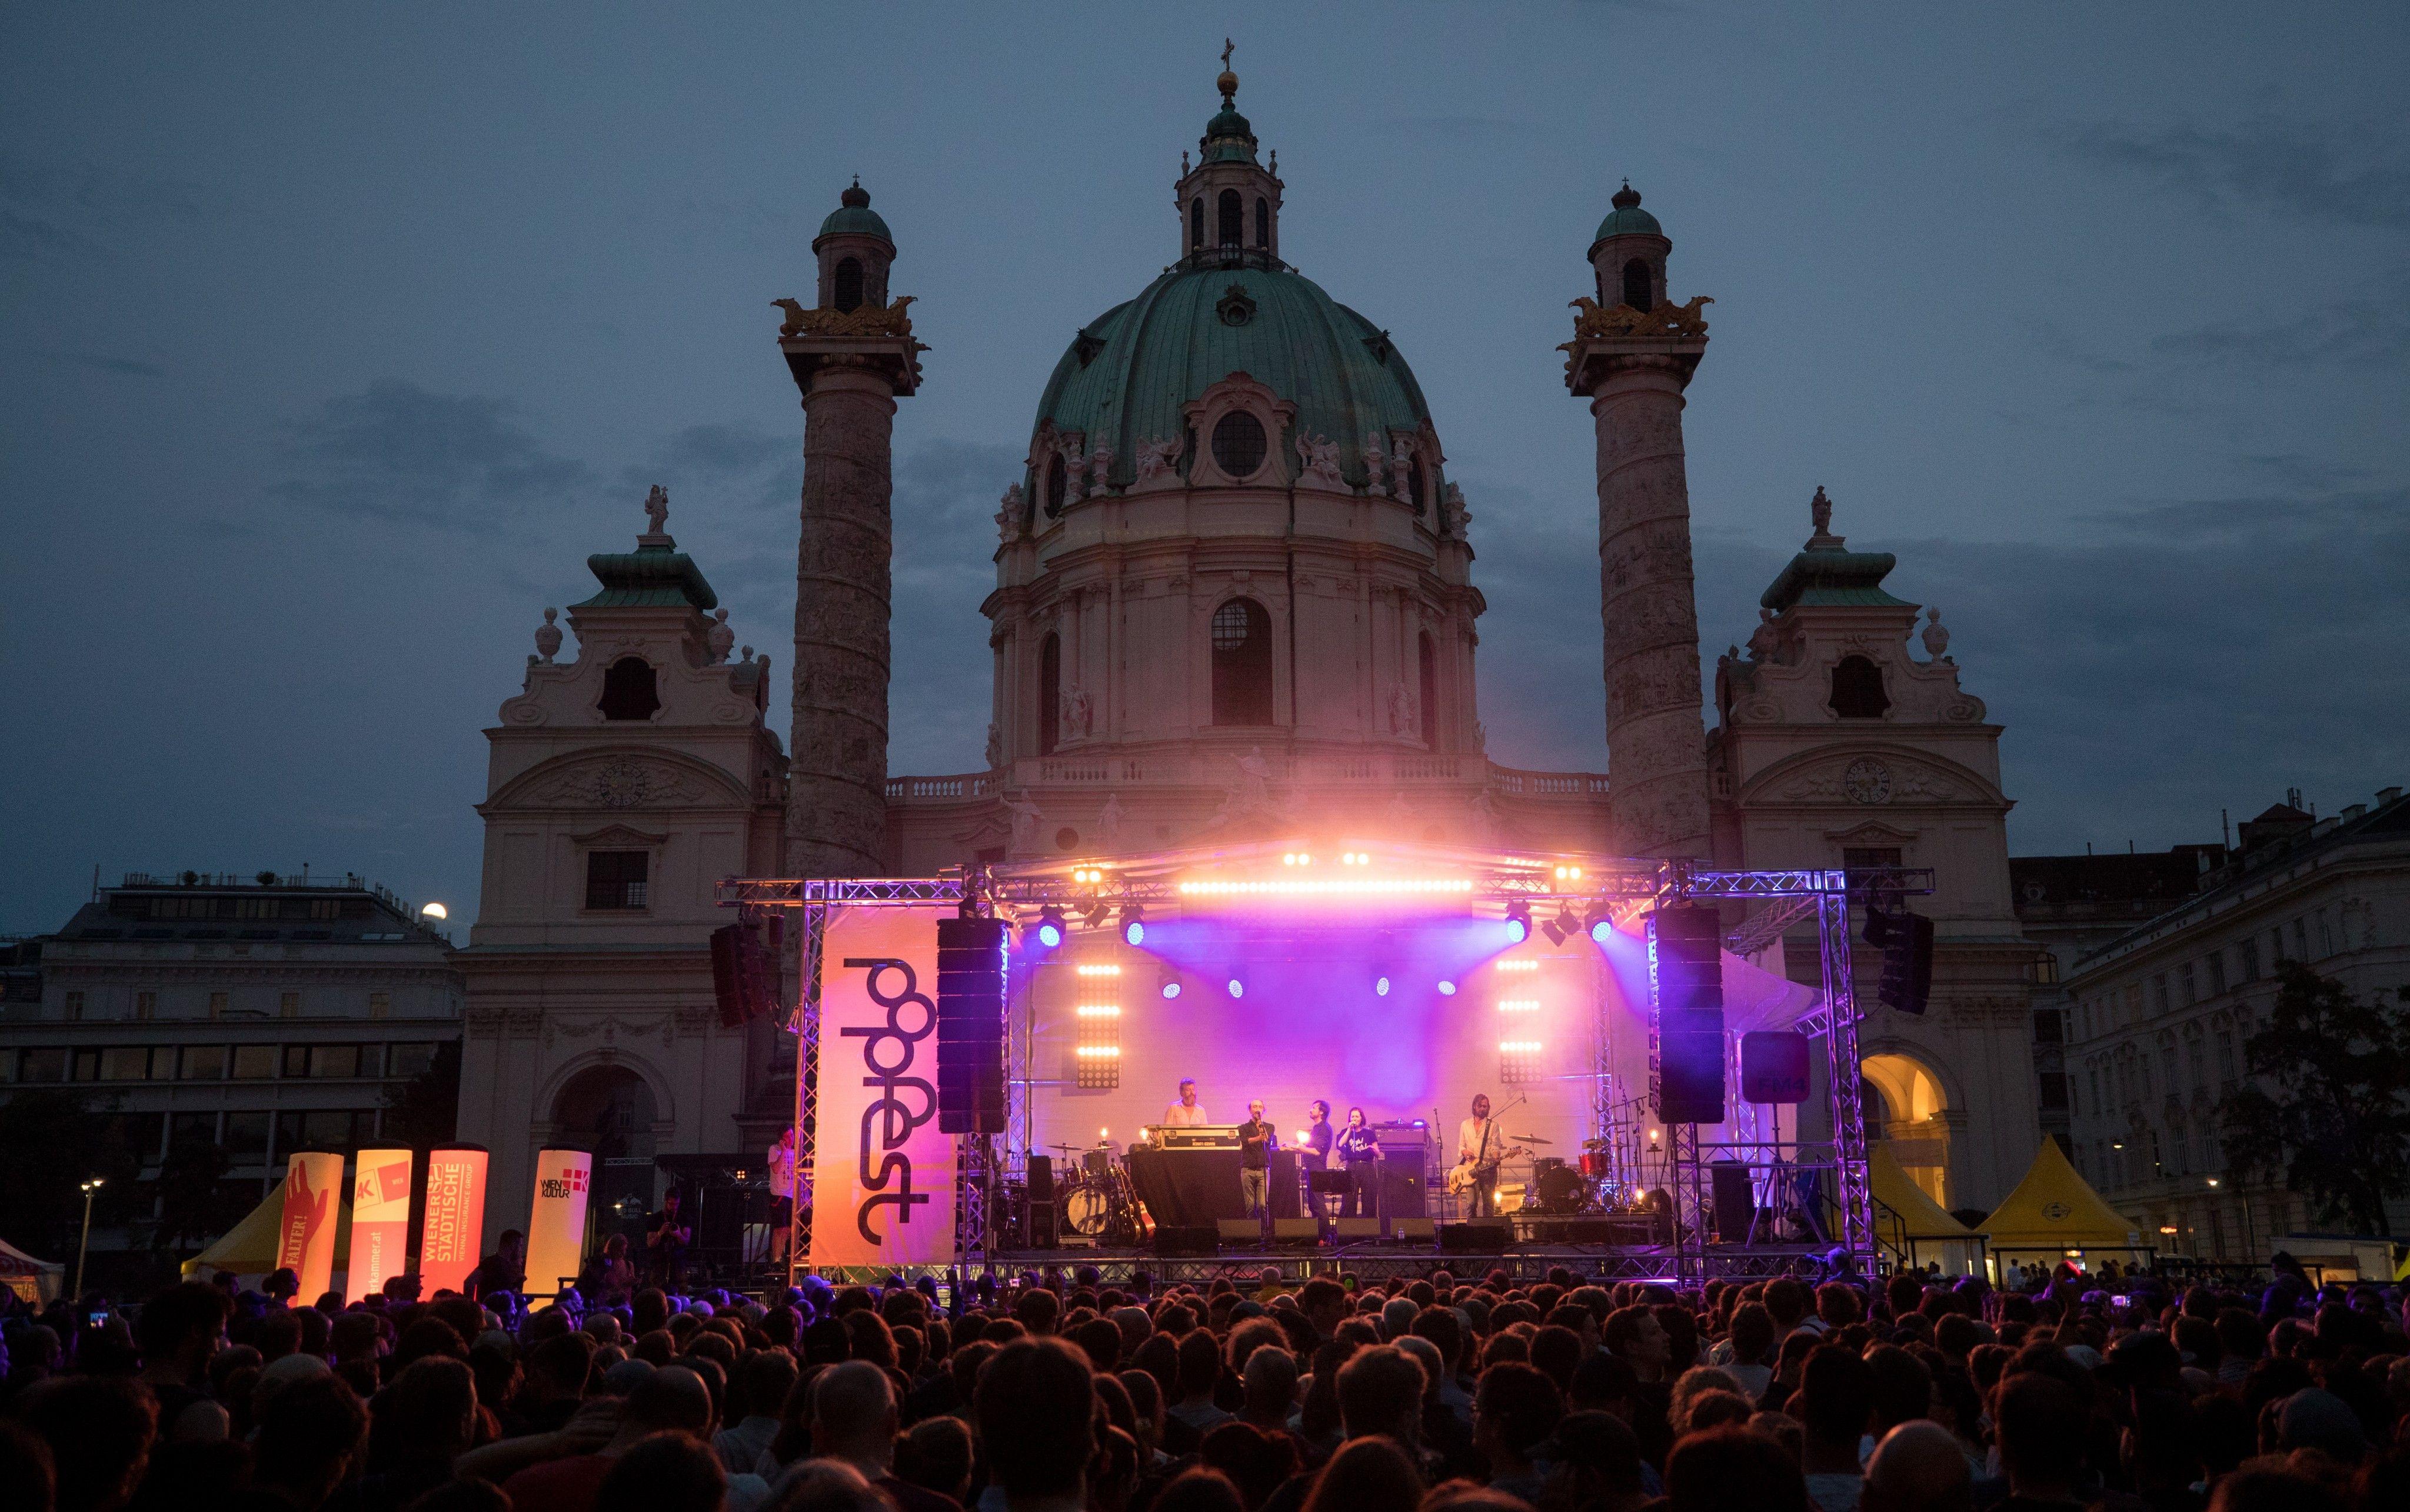 Wurst, Ebow, Avec: Erste Acts beim Wiener Popfest 2019 stehen fest